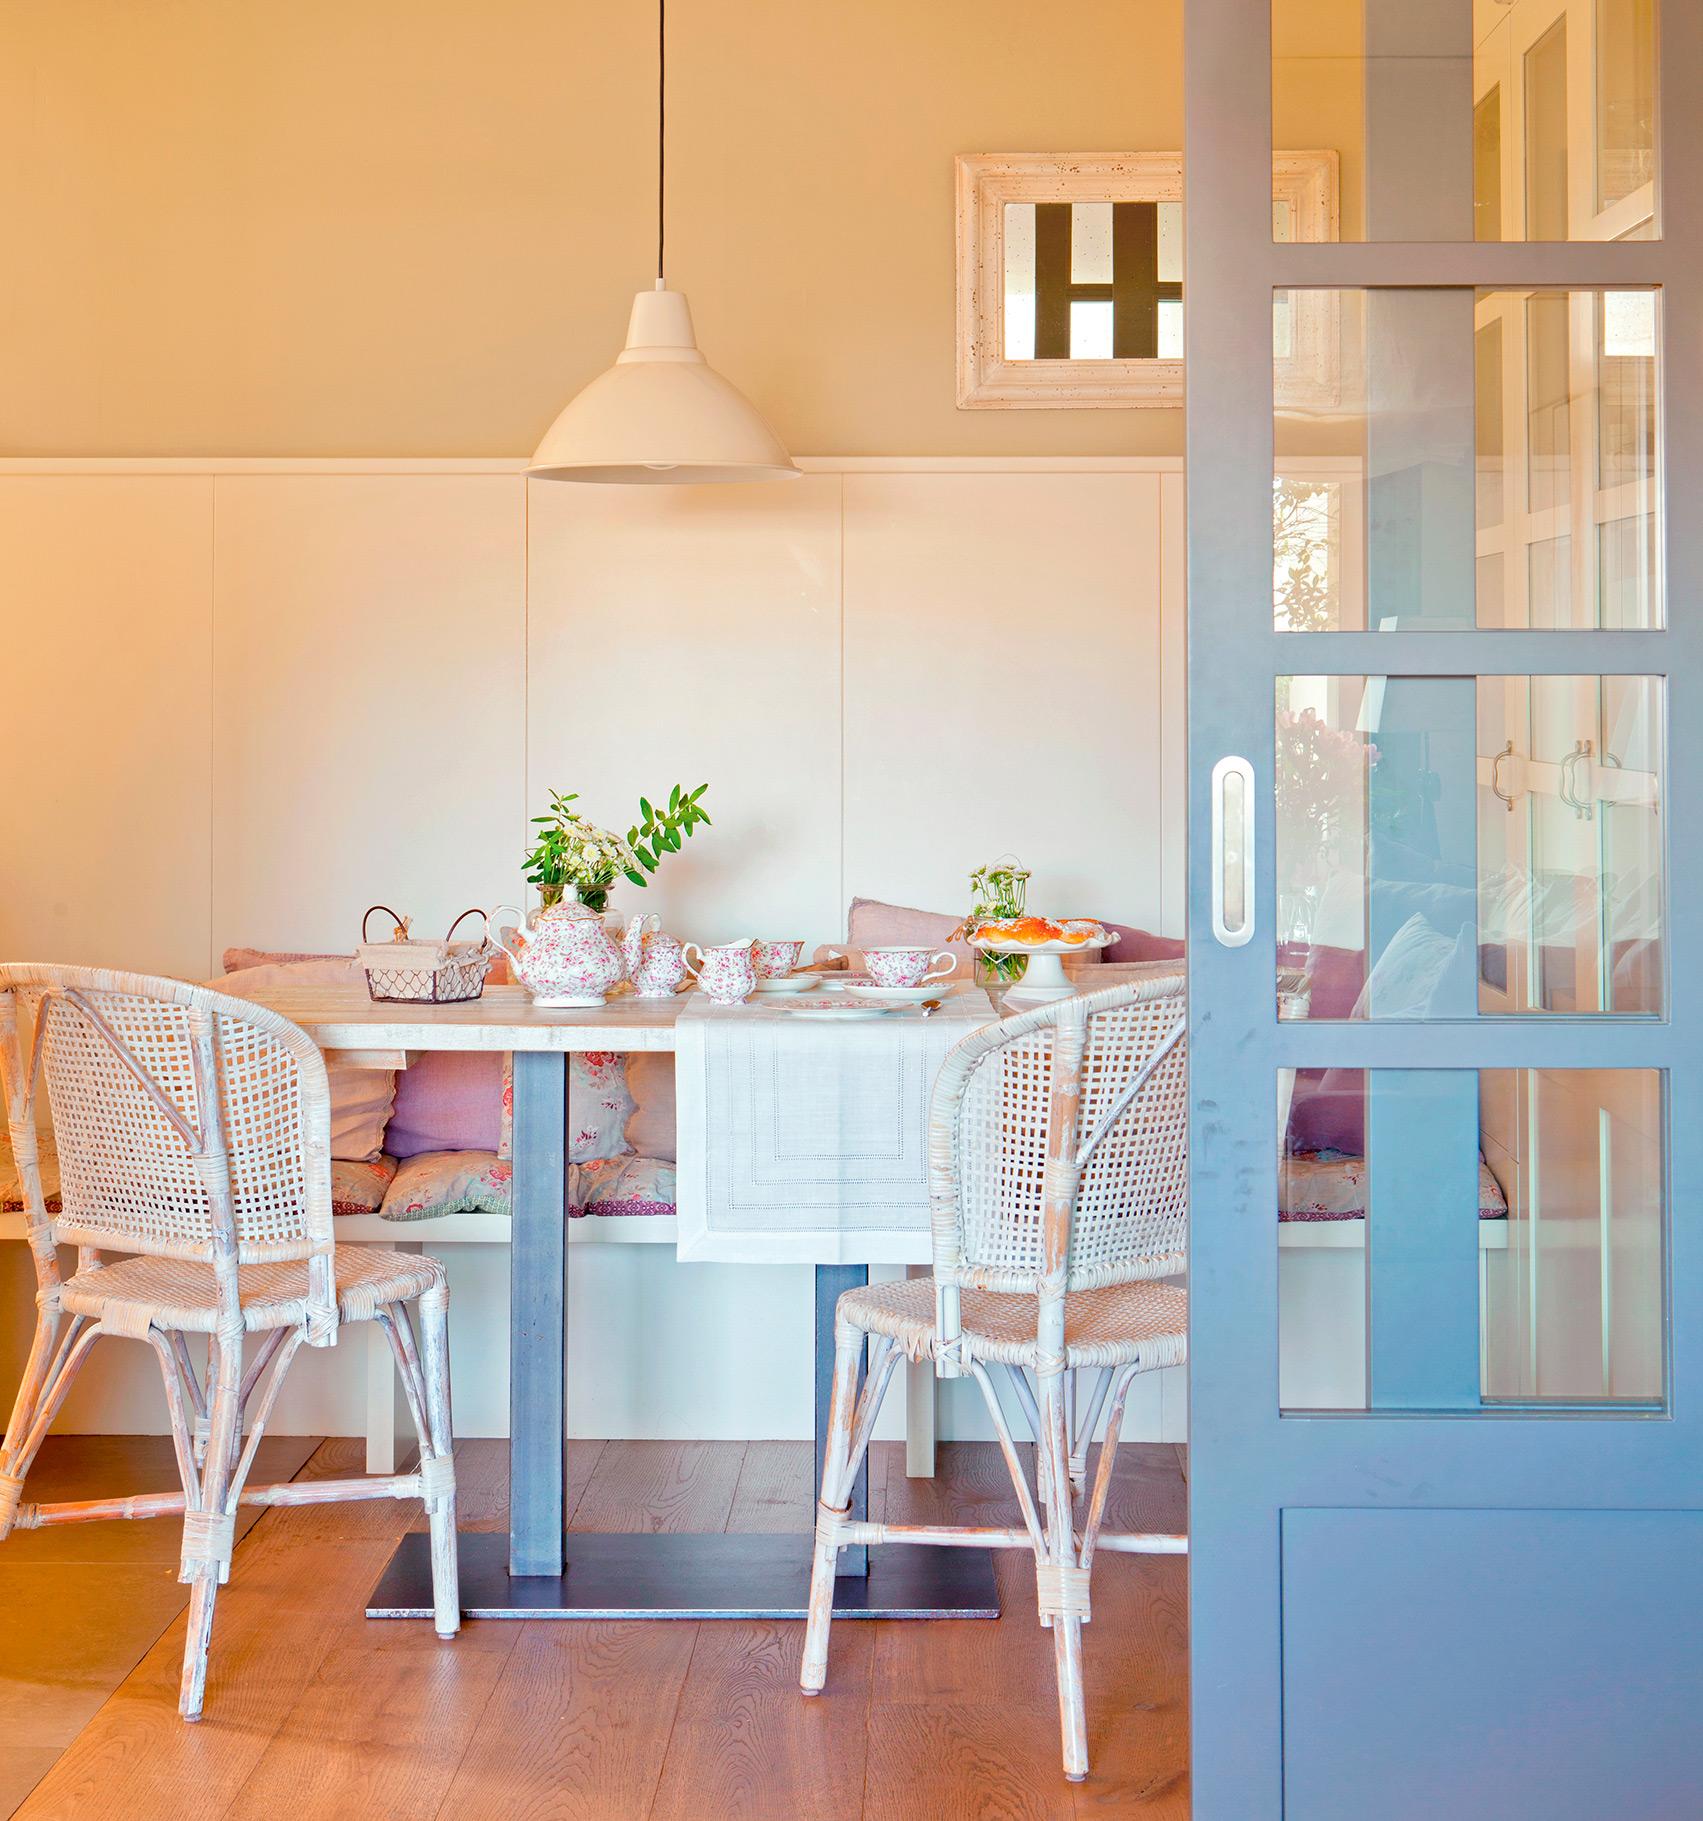 Comedor country con banco, sillas de mimbre, mantelería vintage, cojines cottage y puerta corredera